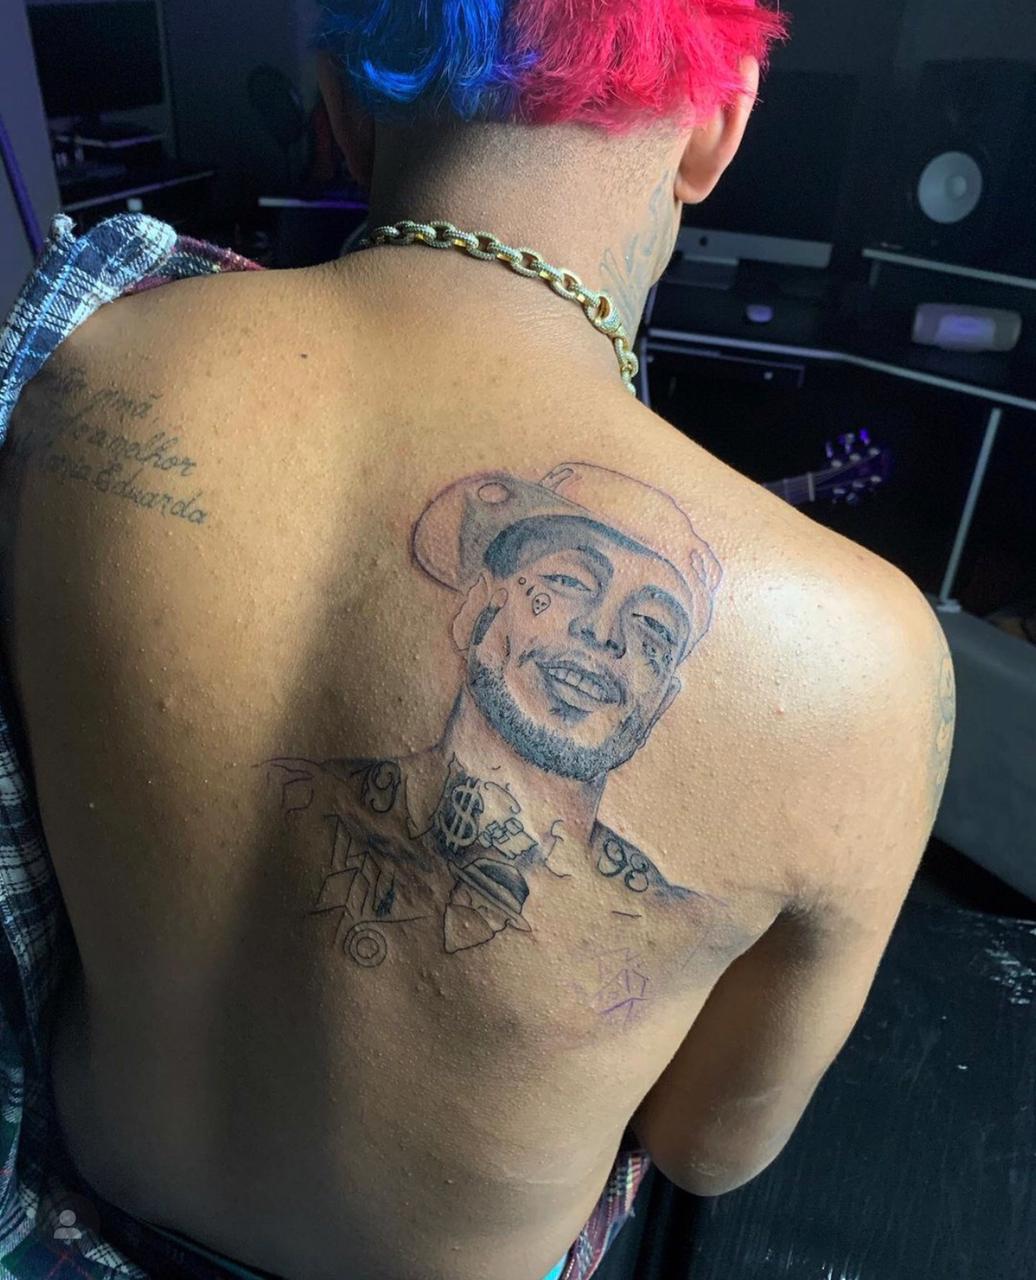 MC Brinquedo faz tatuagem em homenagem a MC Kevin (Foto: Reprodução/Instagram)